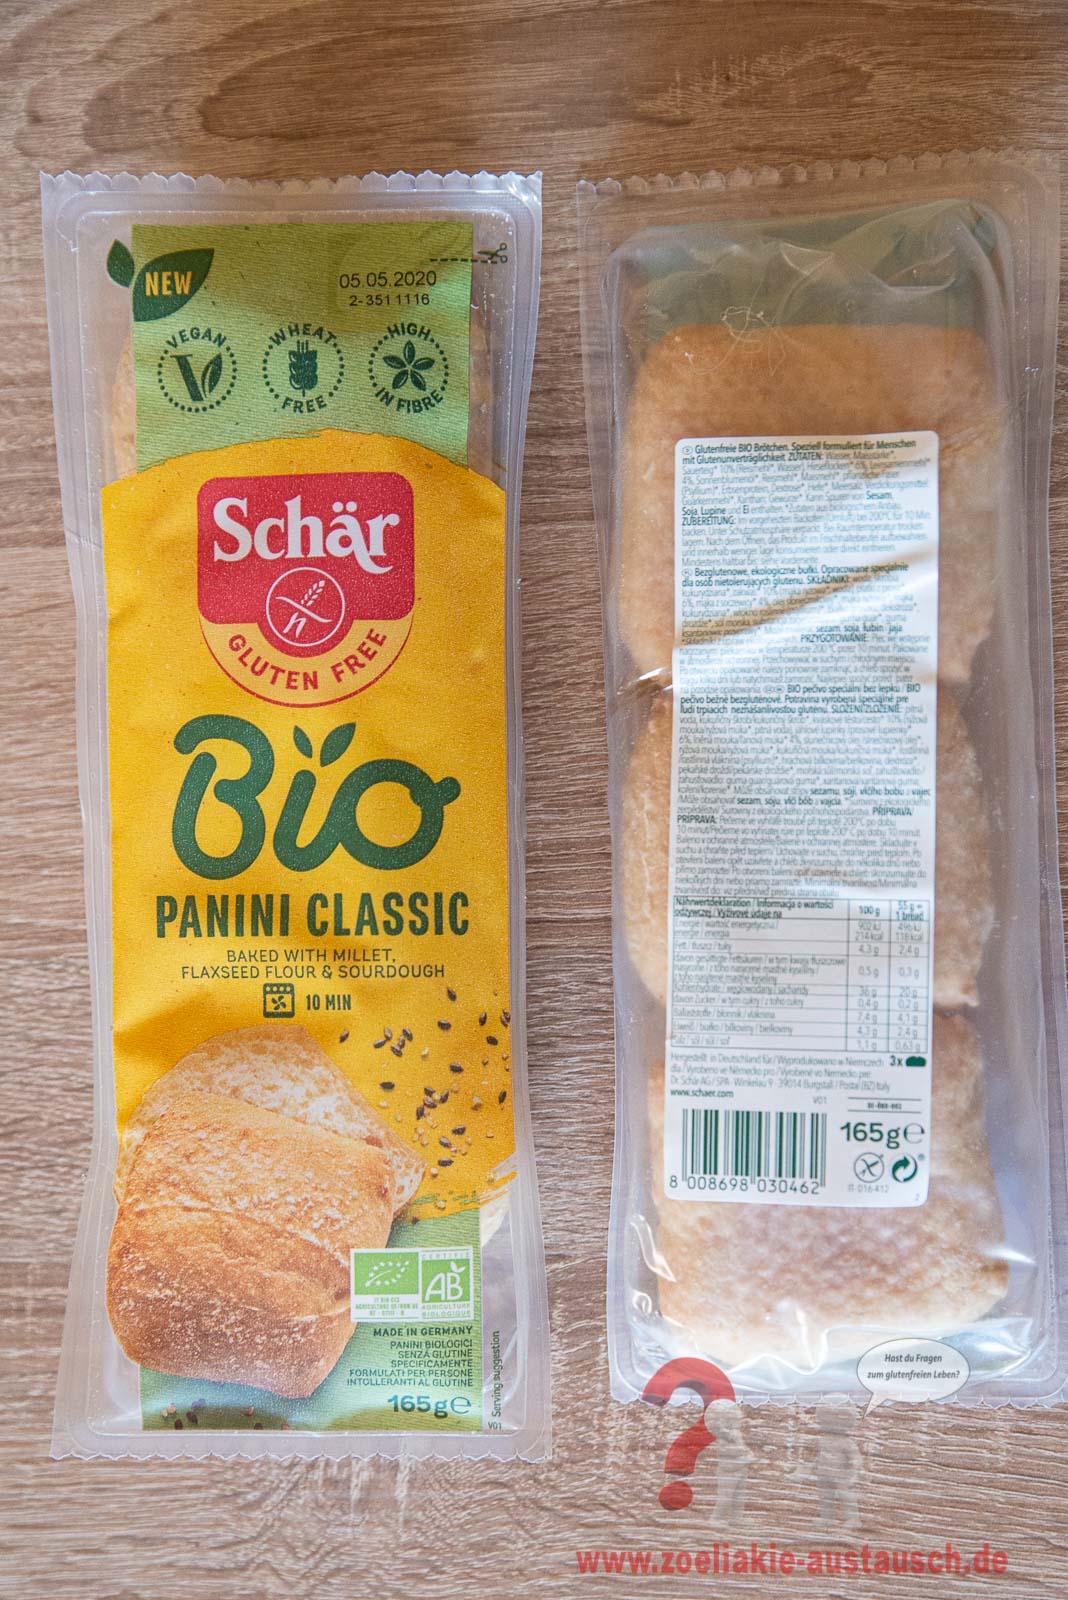 Zoeliakie_Austausch_Schaer_glutenfrei_Bio-035